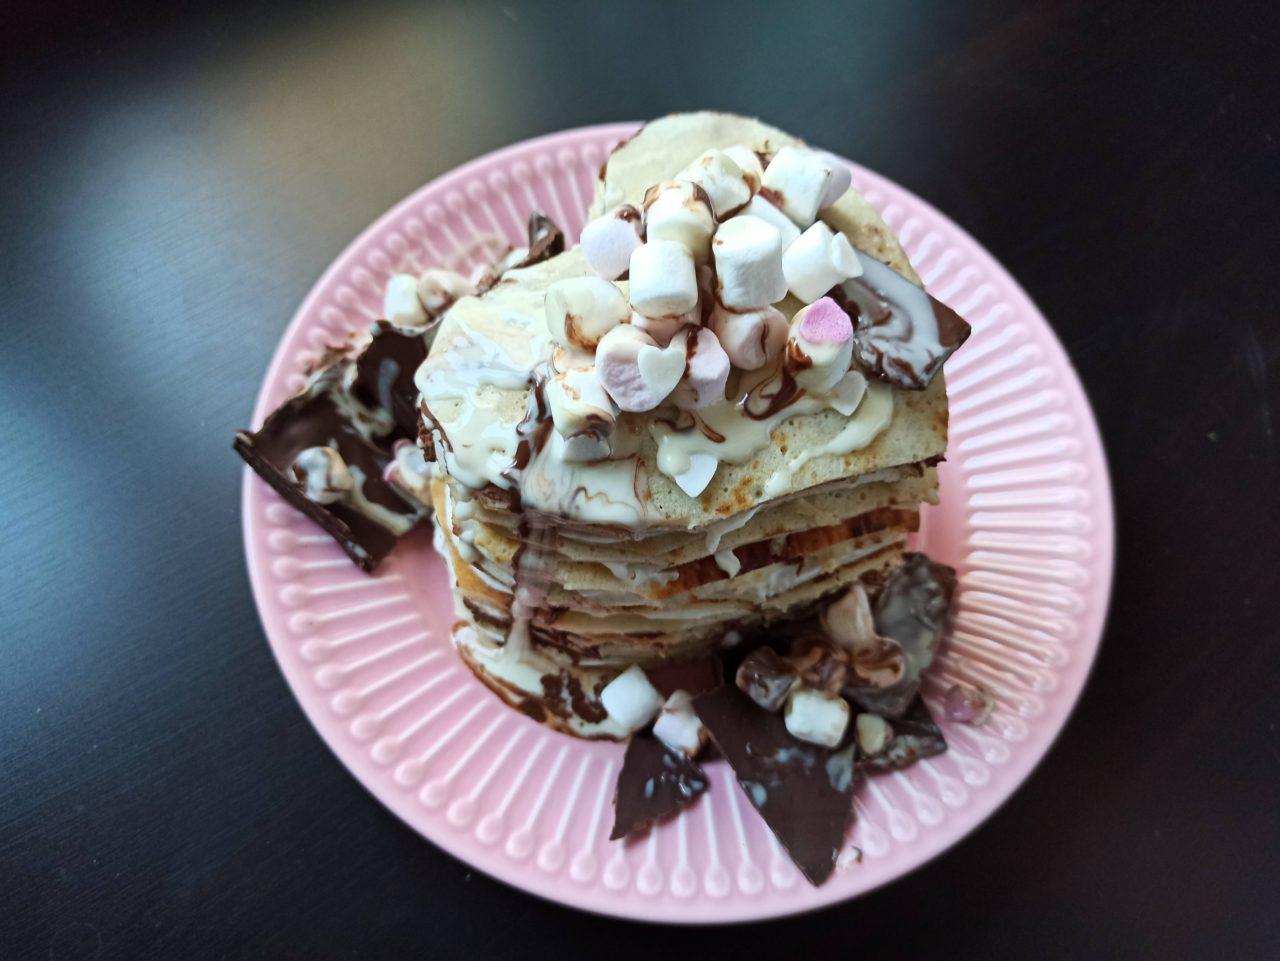 palačinkovy dort